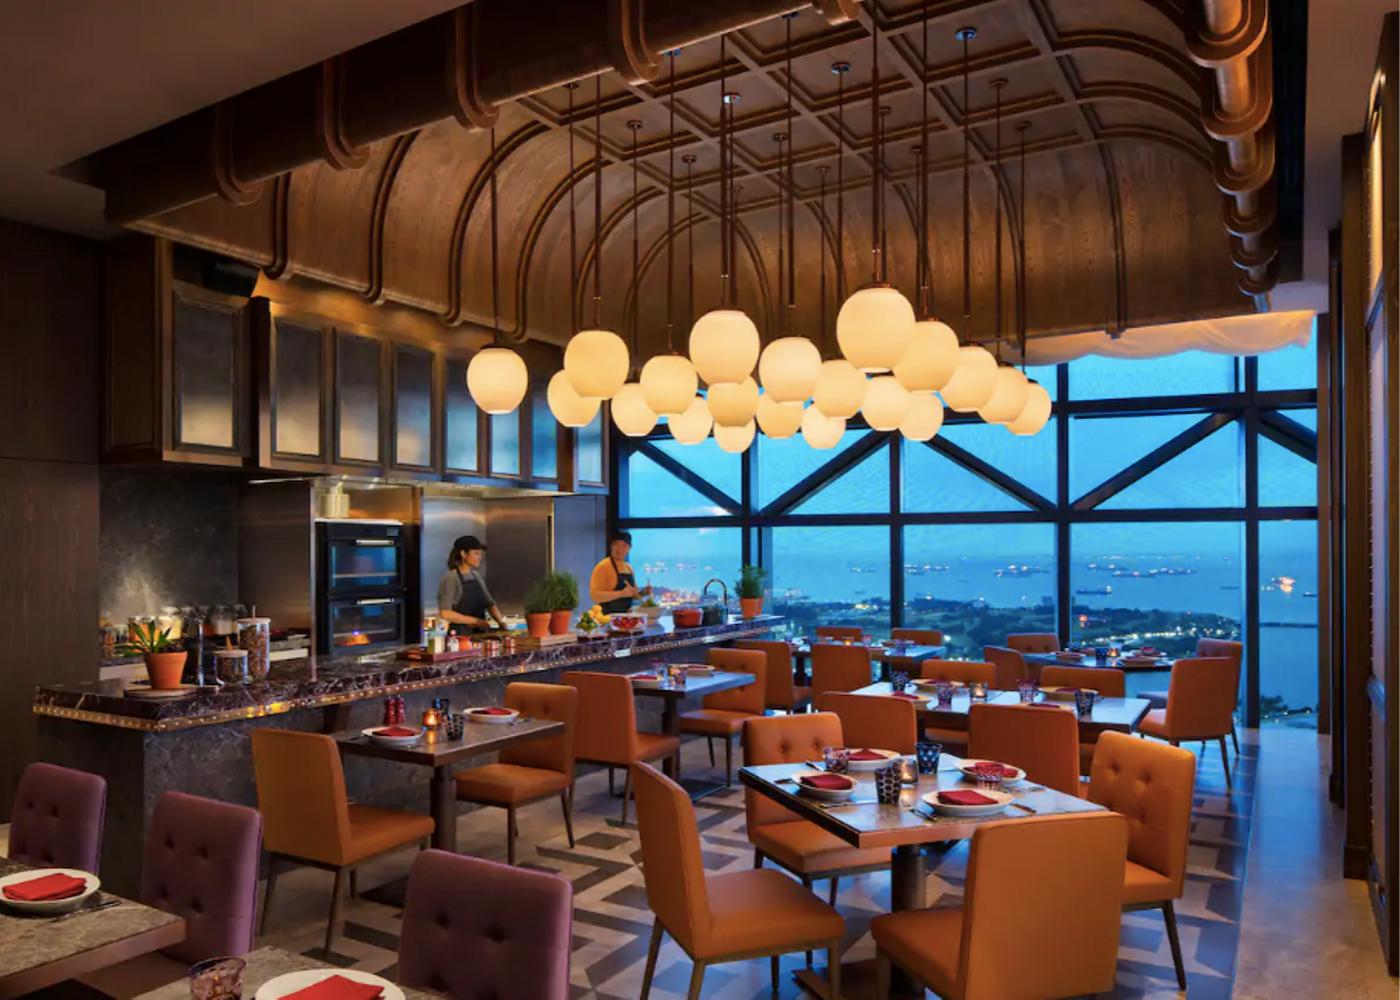 Rooftop restaurants in Singapore